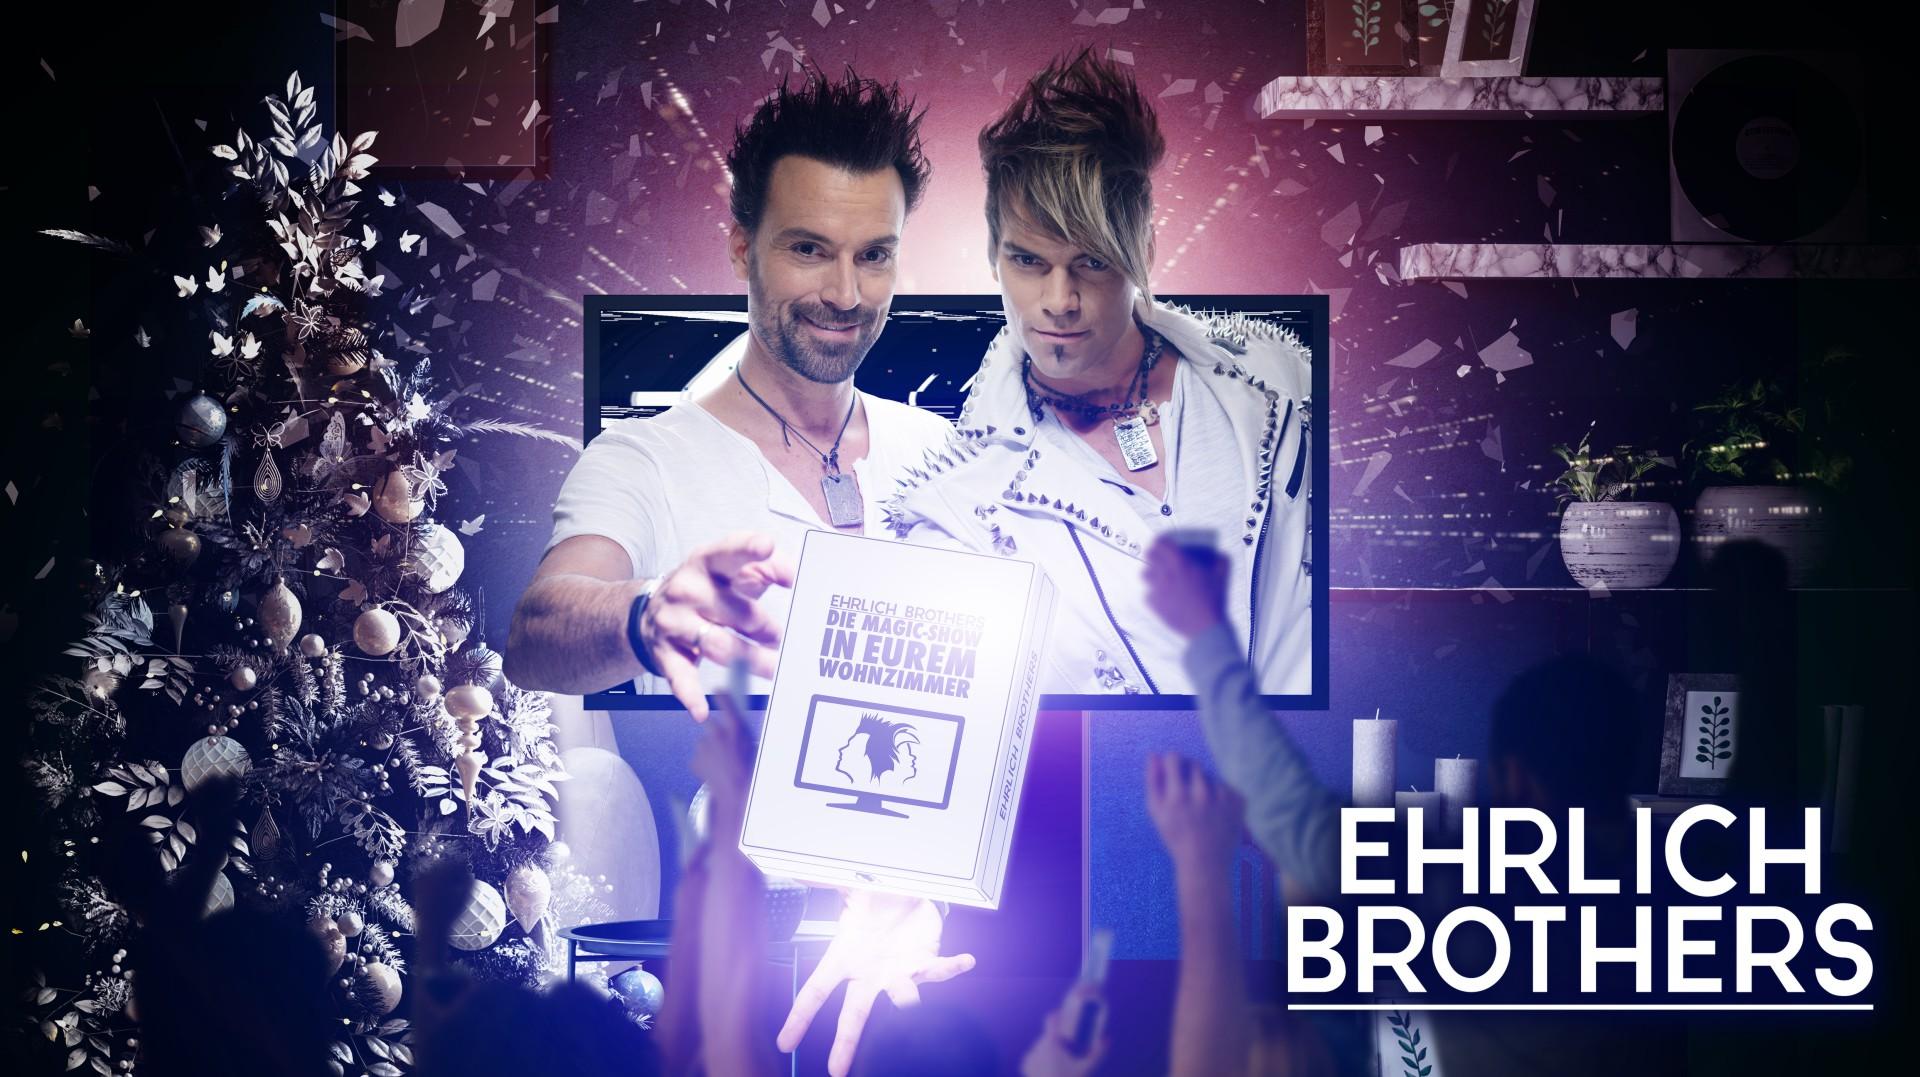 Ehrlich Brothers, Weihnachtsbaum, Wohnzimmer, jubelnde Familie